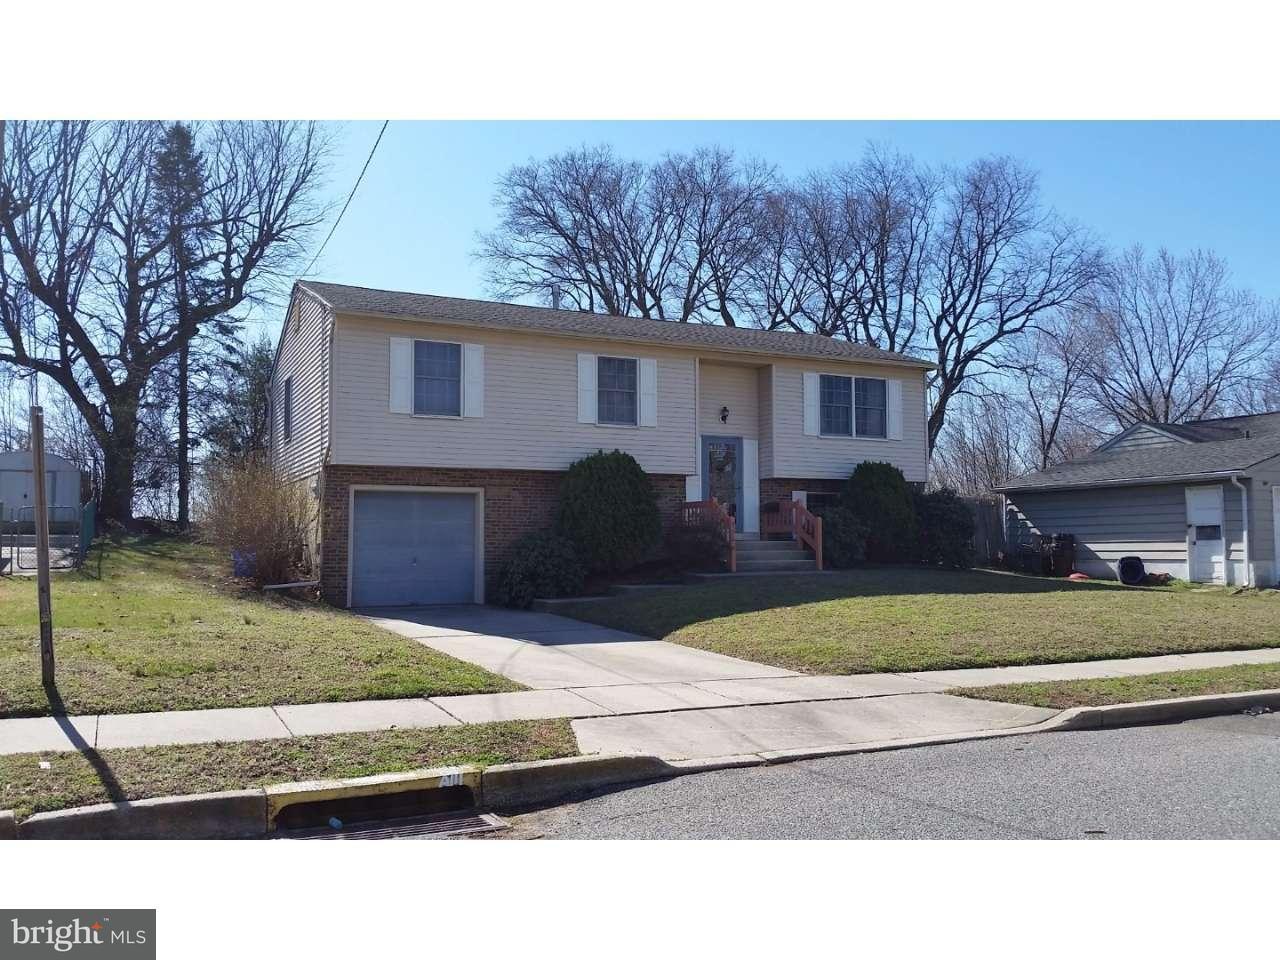 Частный односемейный дом для того Продажа на 396 LEAF Avenue Bellmawr, Нью-Джерси 08031 Соединенные Штаты